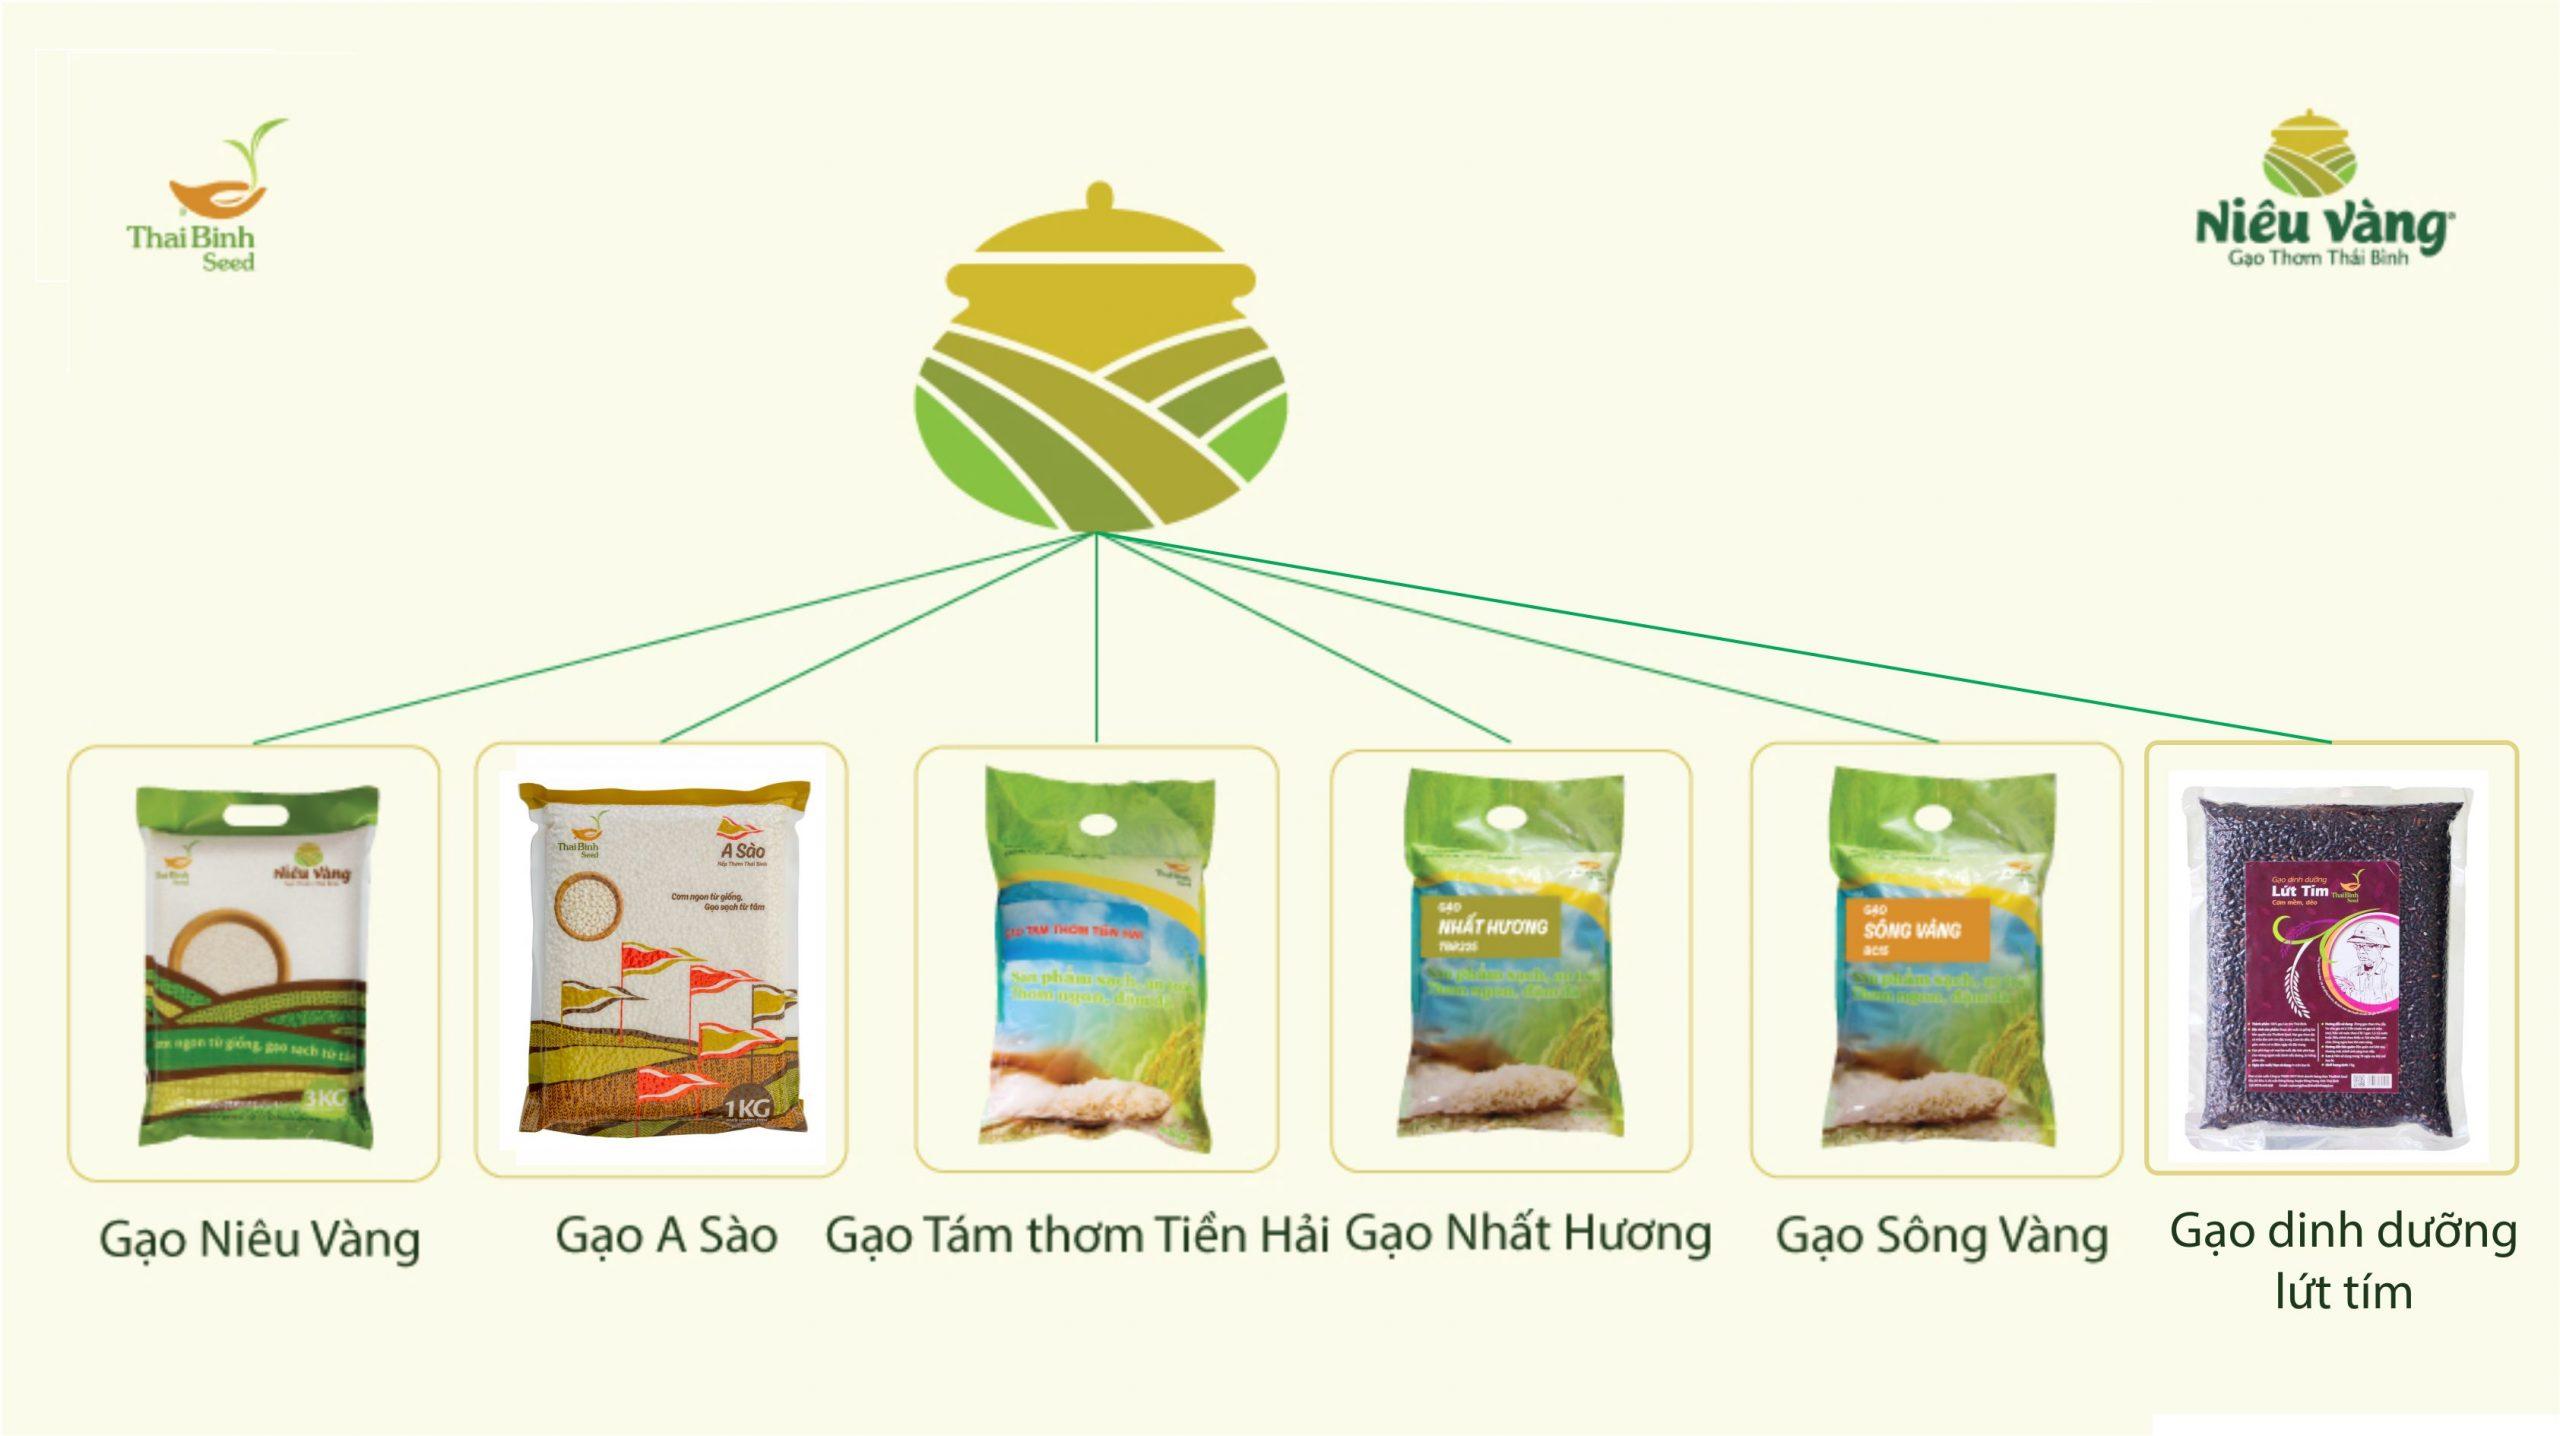 Bảng giá mới nhất của gạo sạch tinh khiết ThaiBinh Seed tin-tuc